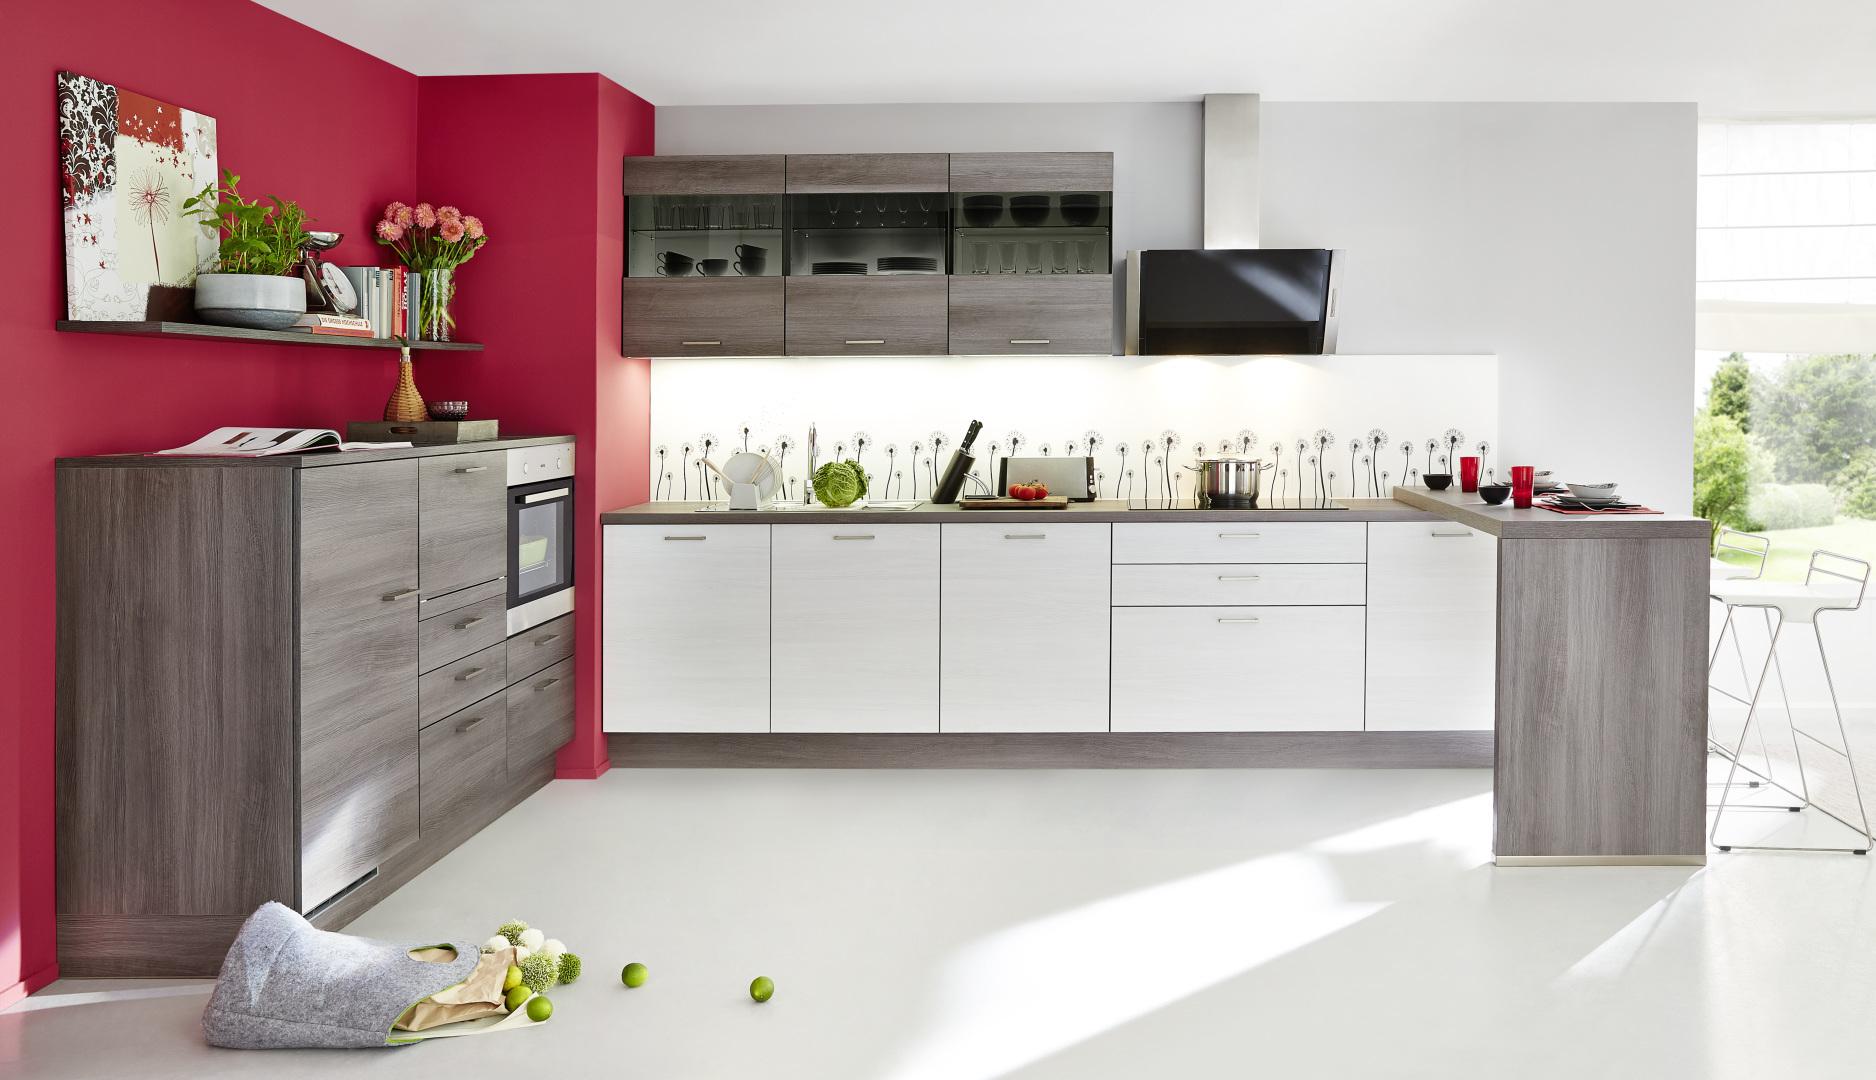 Nolte Keukens Almere : Keuken totaal uw keukenspecialist in twente